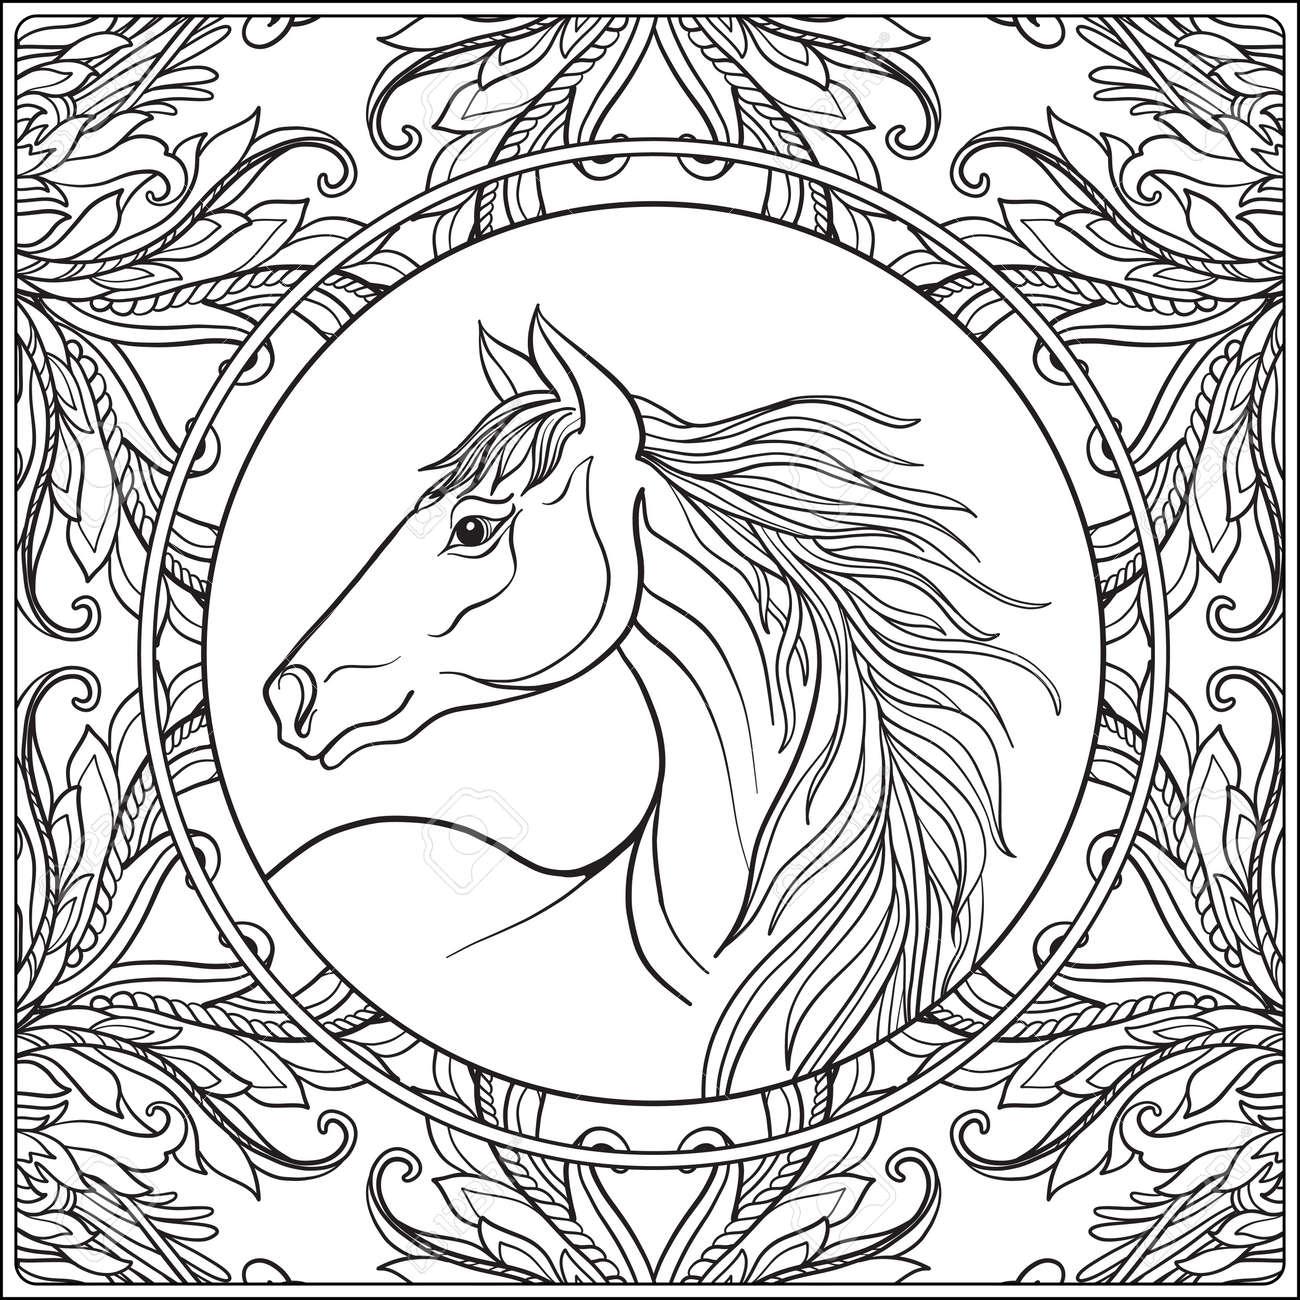 Horse In Vintage Decorative Floral Mandala Frame Illustration Coloring Book For Adult And Older